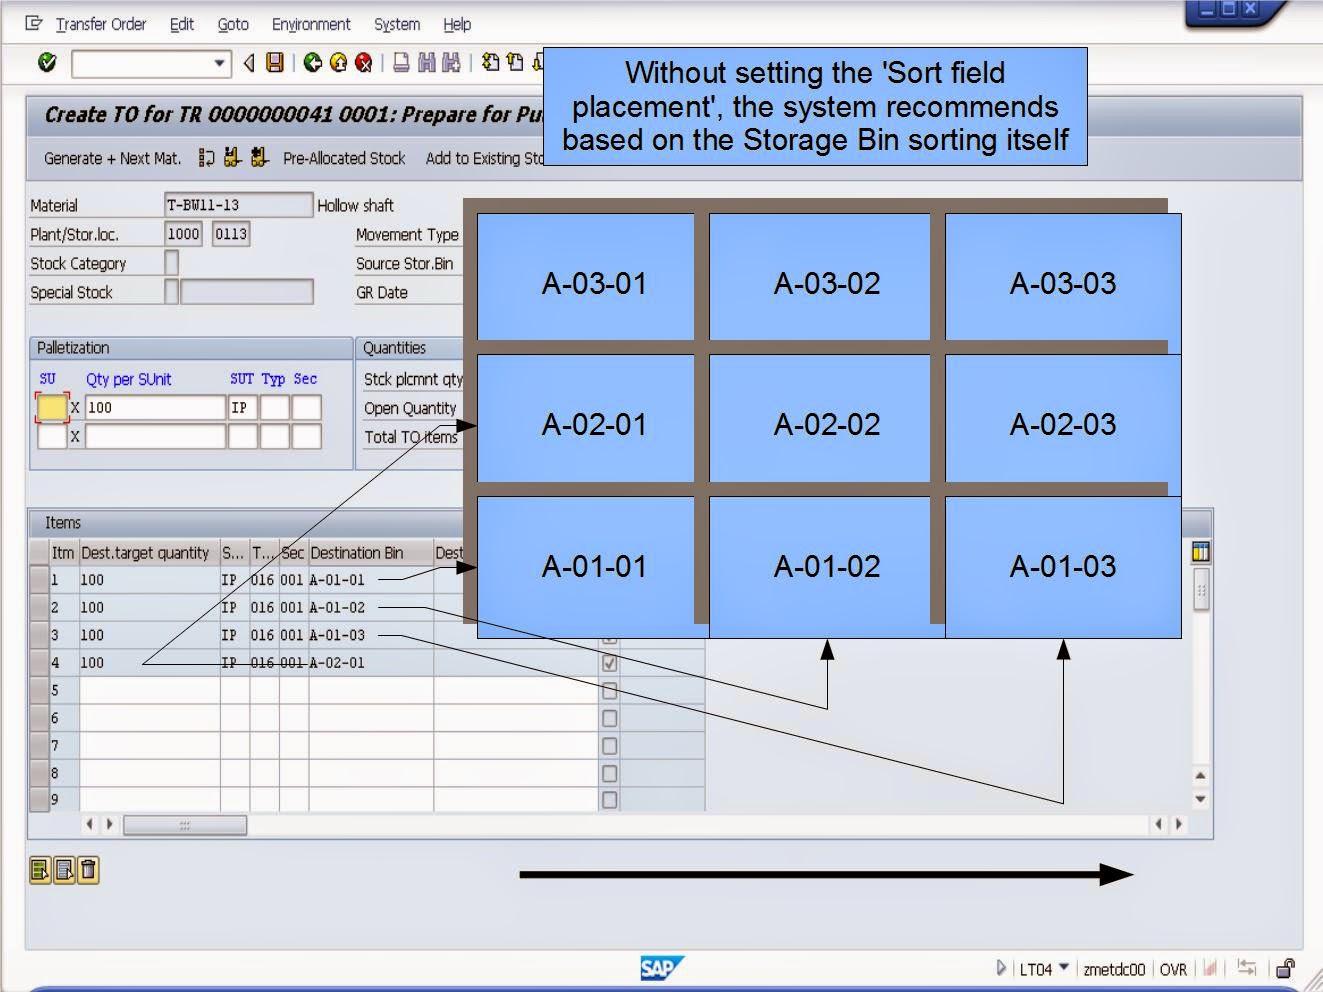 青蛙SAP分享 Learning & Examination: WMS Putaway Strategy - Next